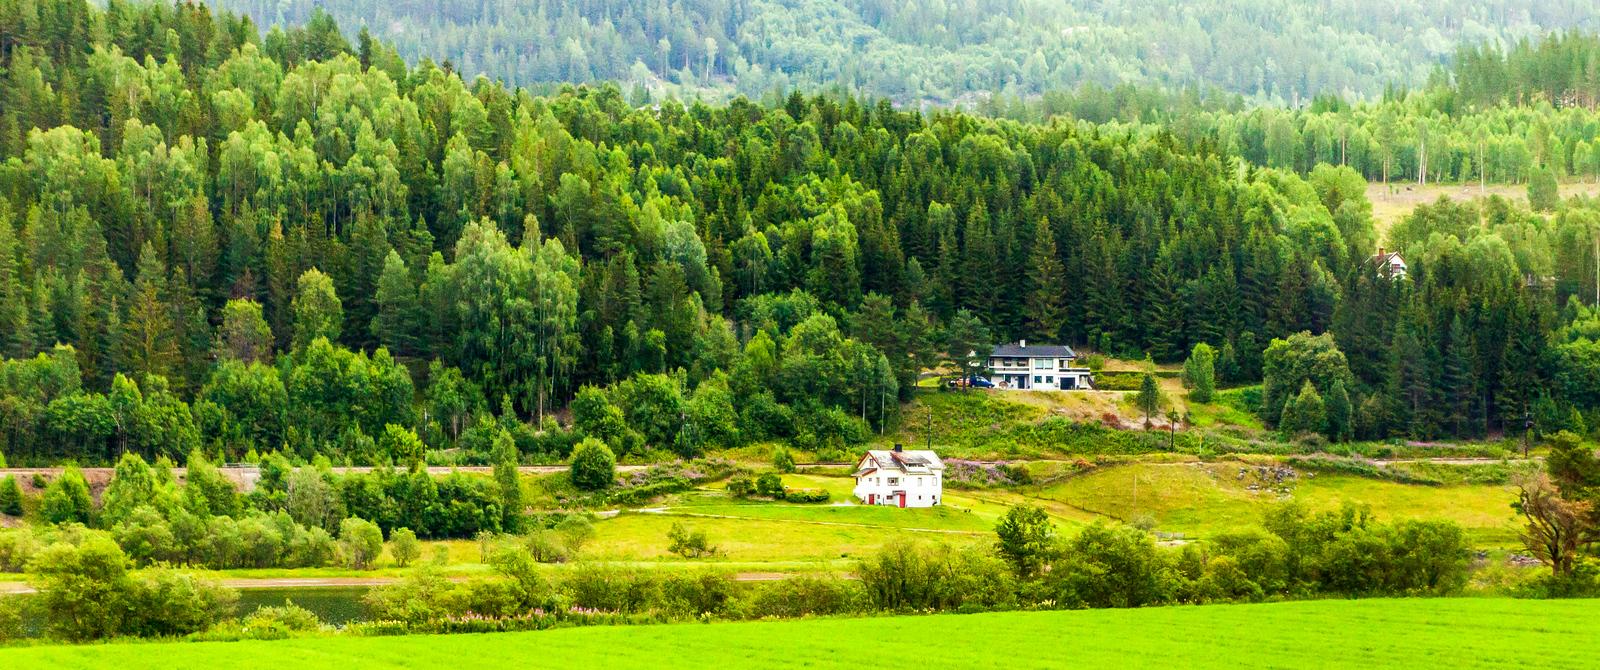 北欧风光,依山傍水的民居